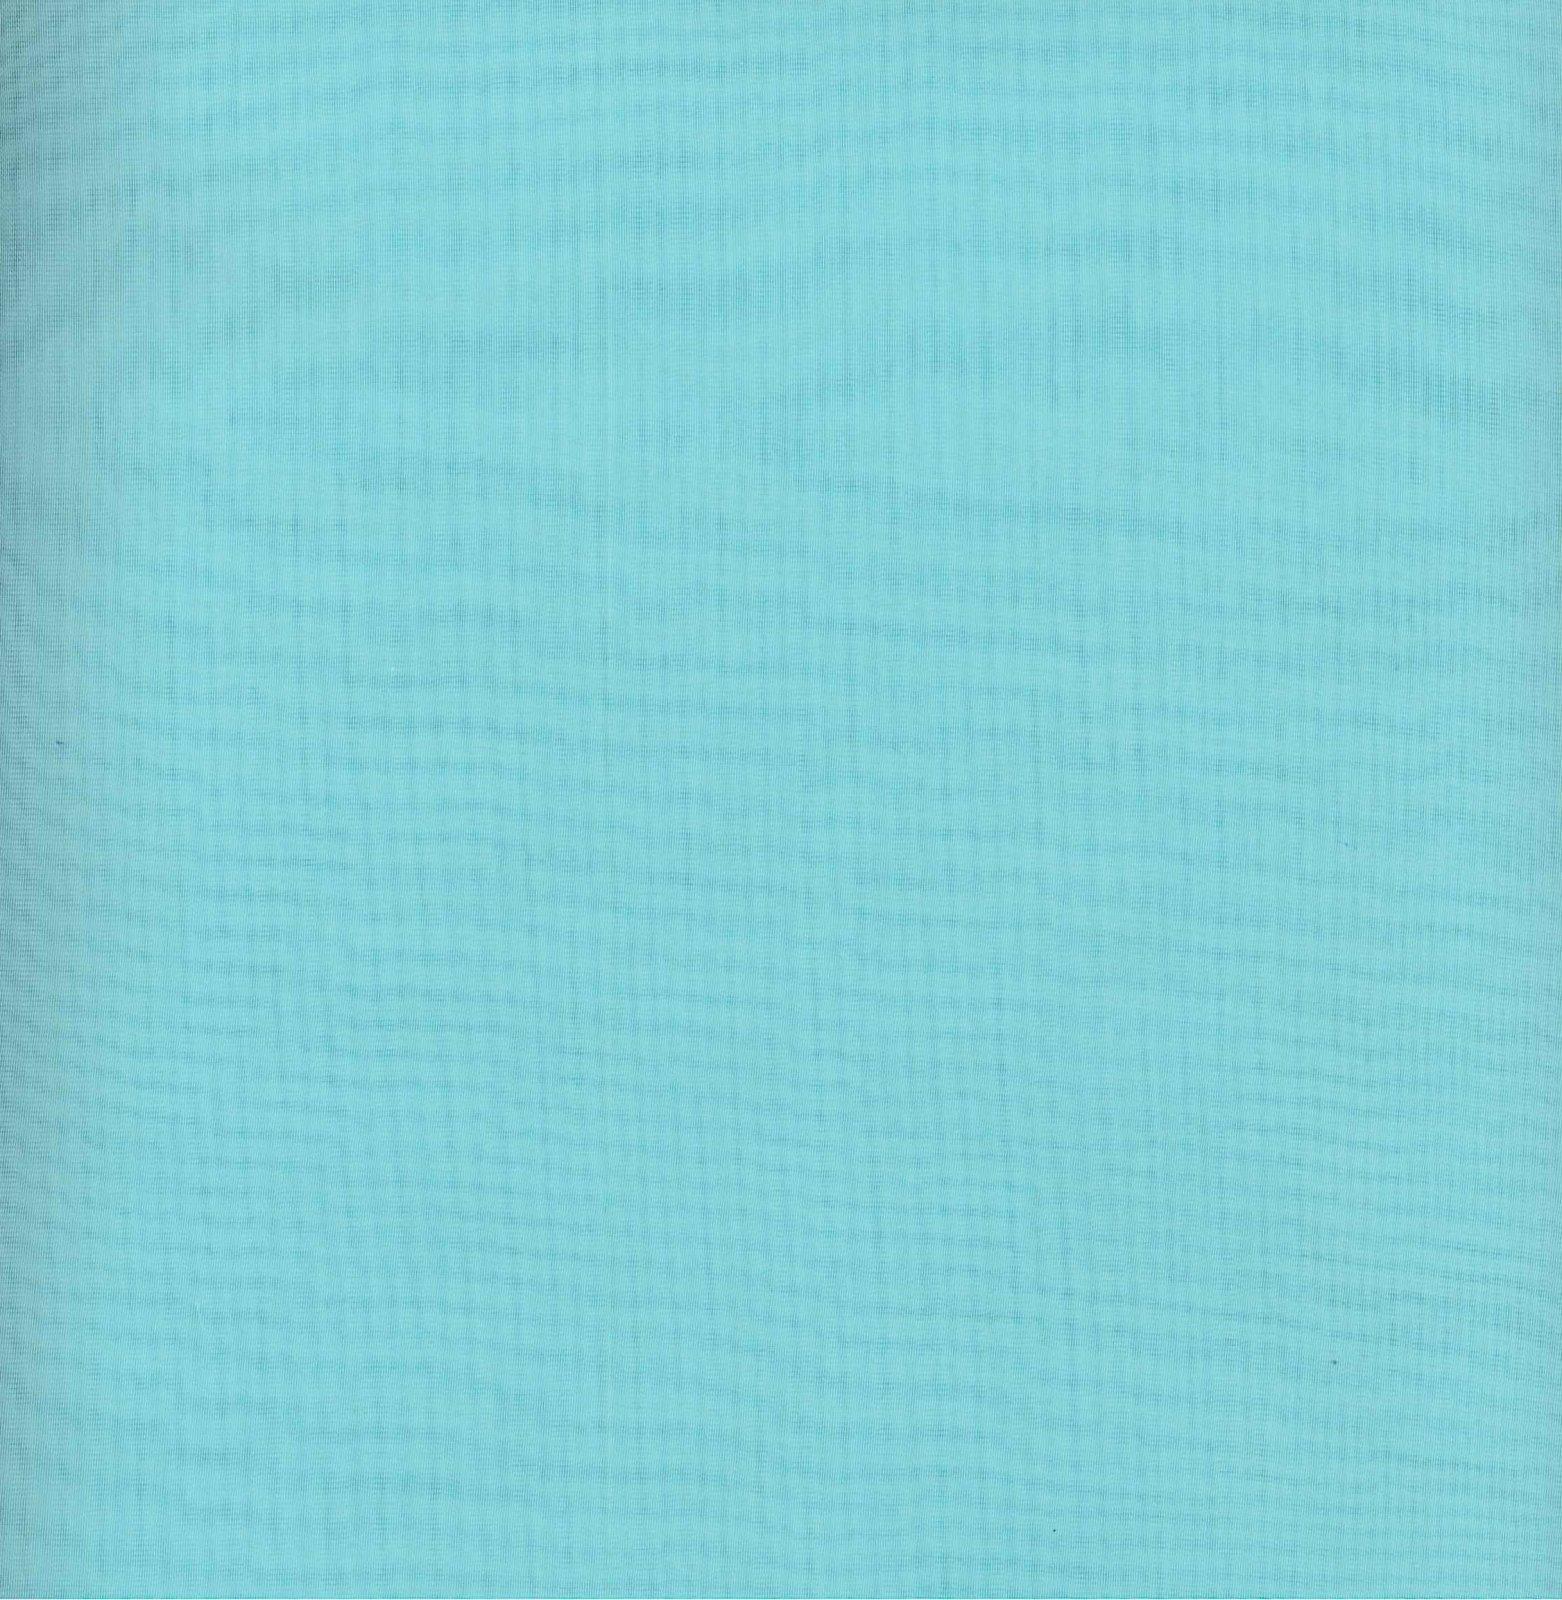 ORIOLE POLY CHIFFON TIFFANY BLUE